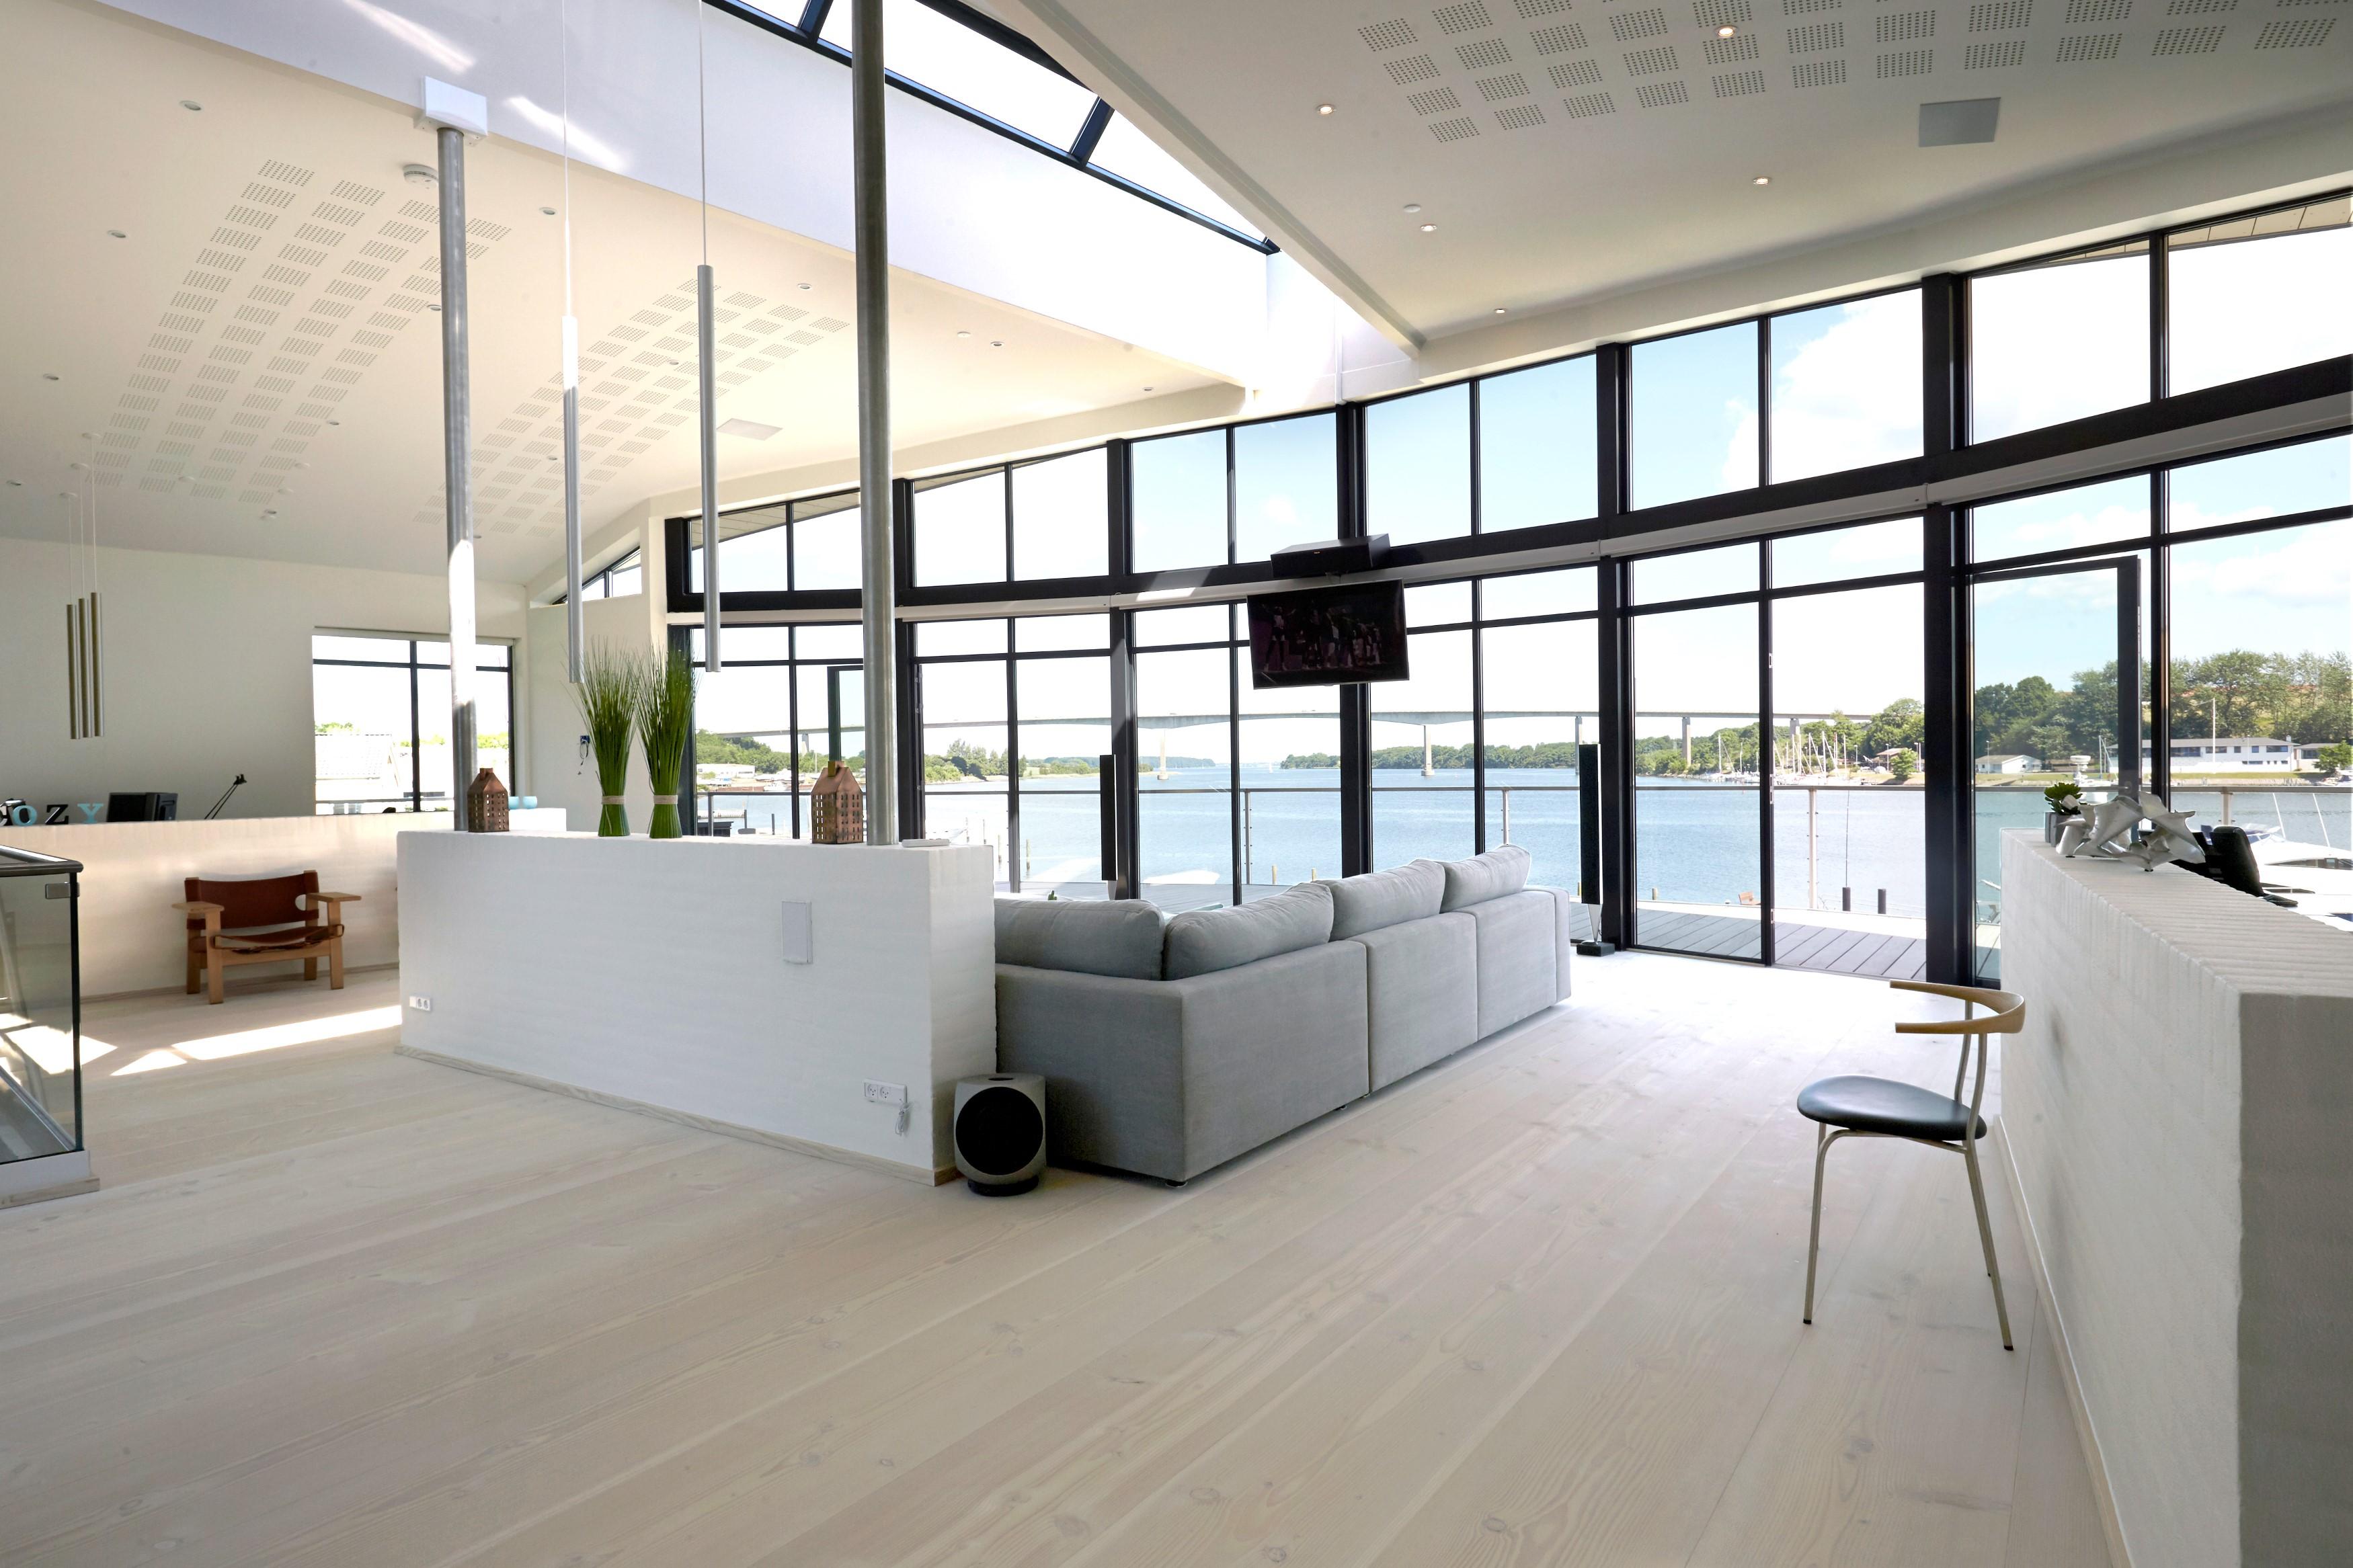 hochwertige bodendielen von pur natur interiorpark. Black Bedroom Furniture Sets. Home Design Ideas